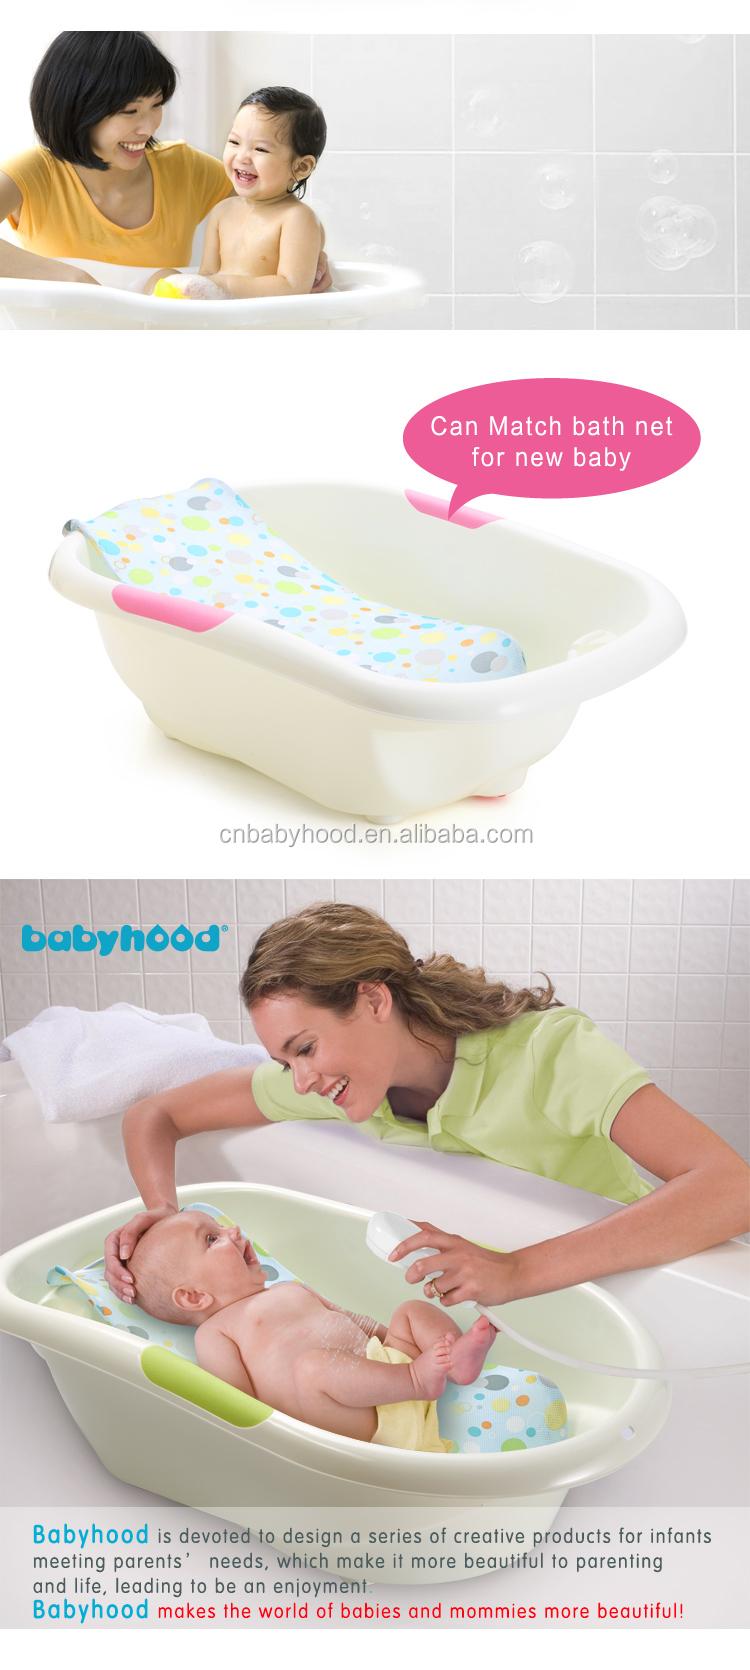 Bathroom Tub For Baby,Baby Bath Bucket,Cheap Baby Bathtub - Buy ...